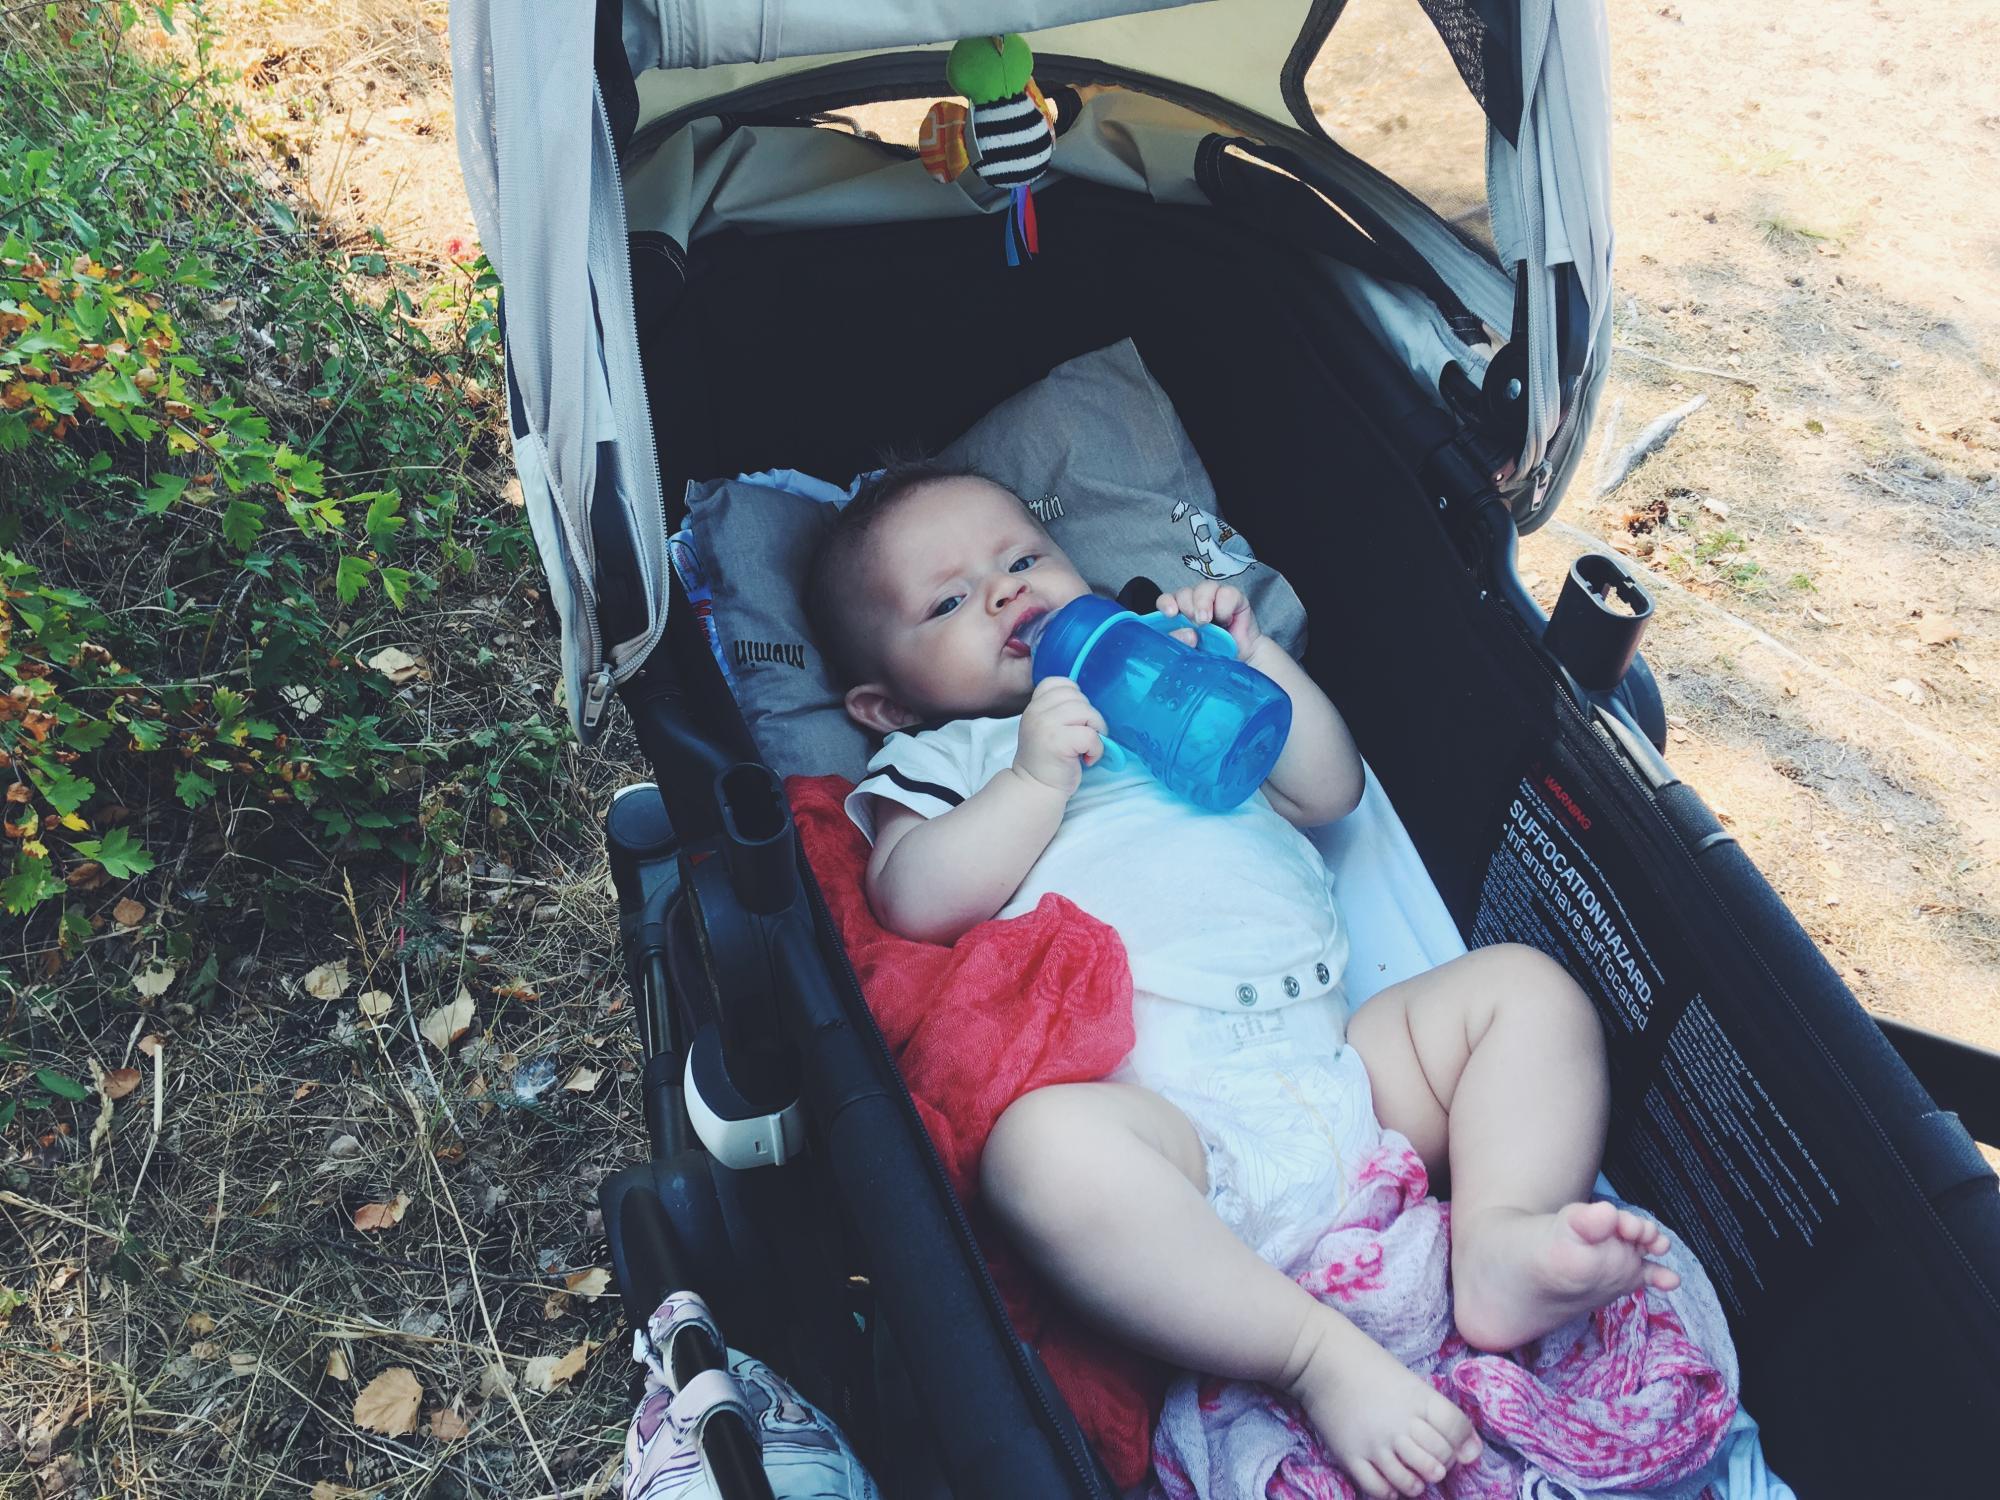 Bebis i sommarvärmen - tänk på det här